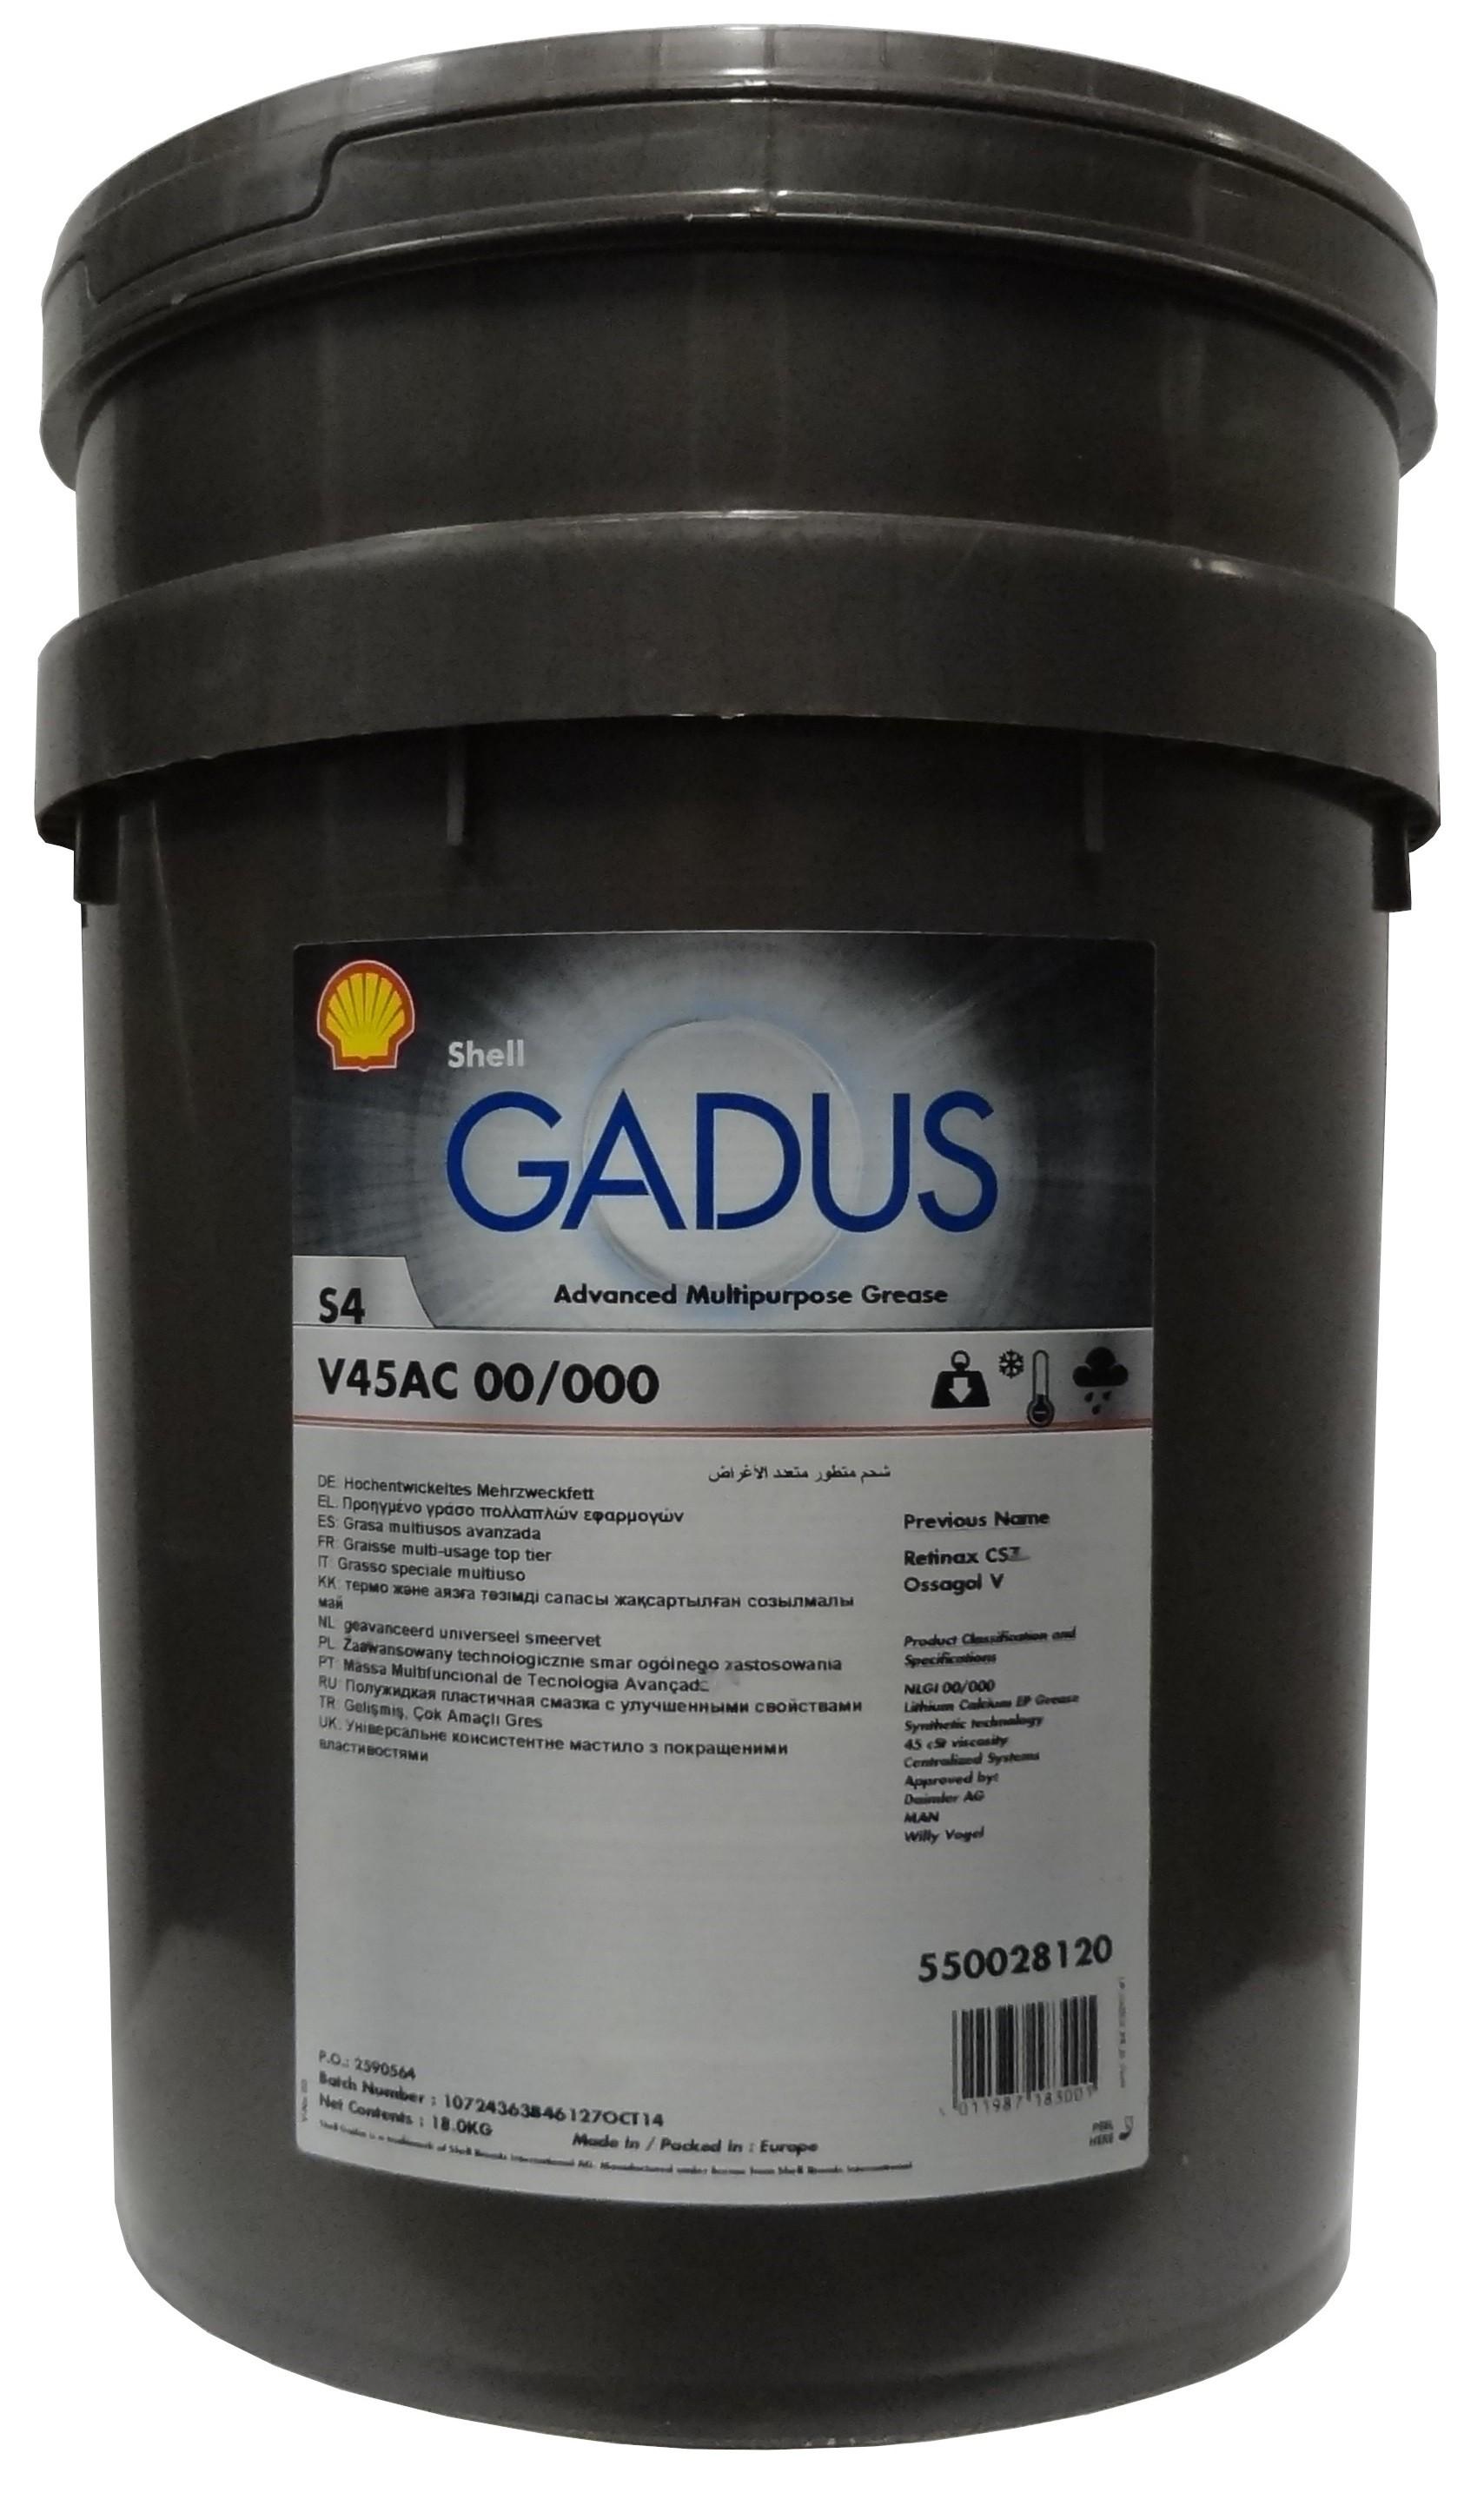 SHELL GADUS S4 V45AC 00/000 18KG